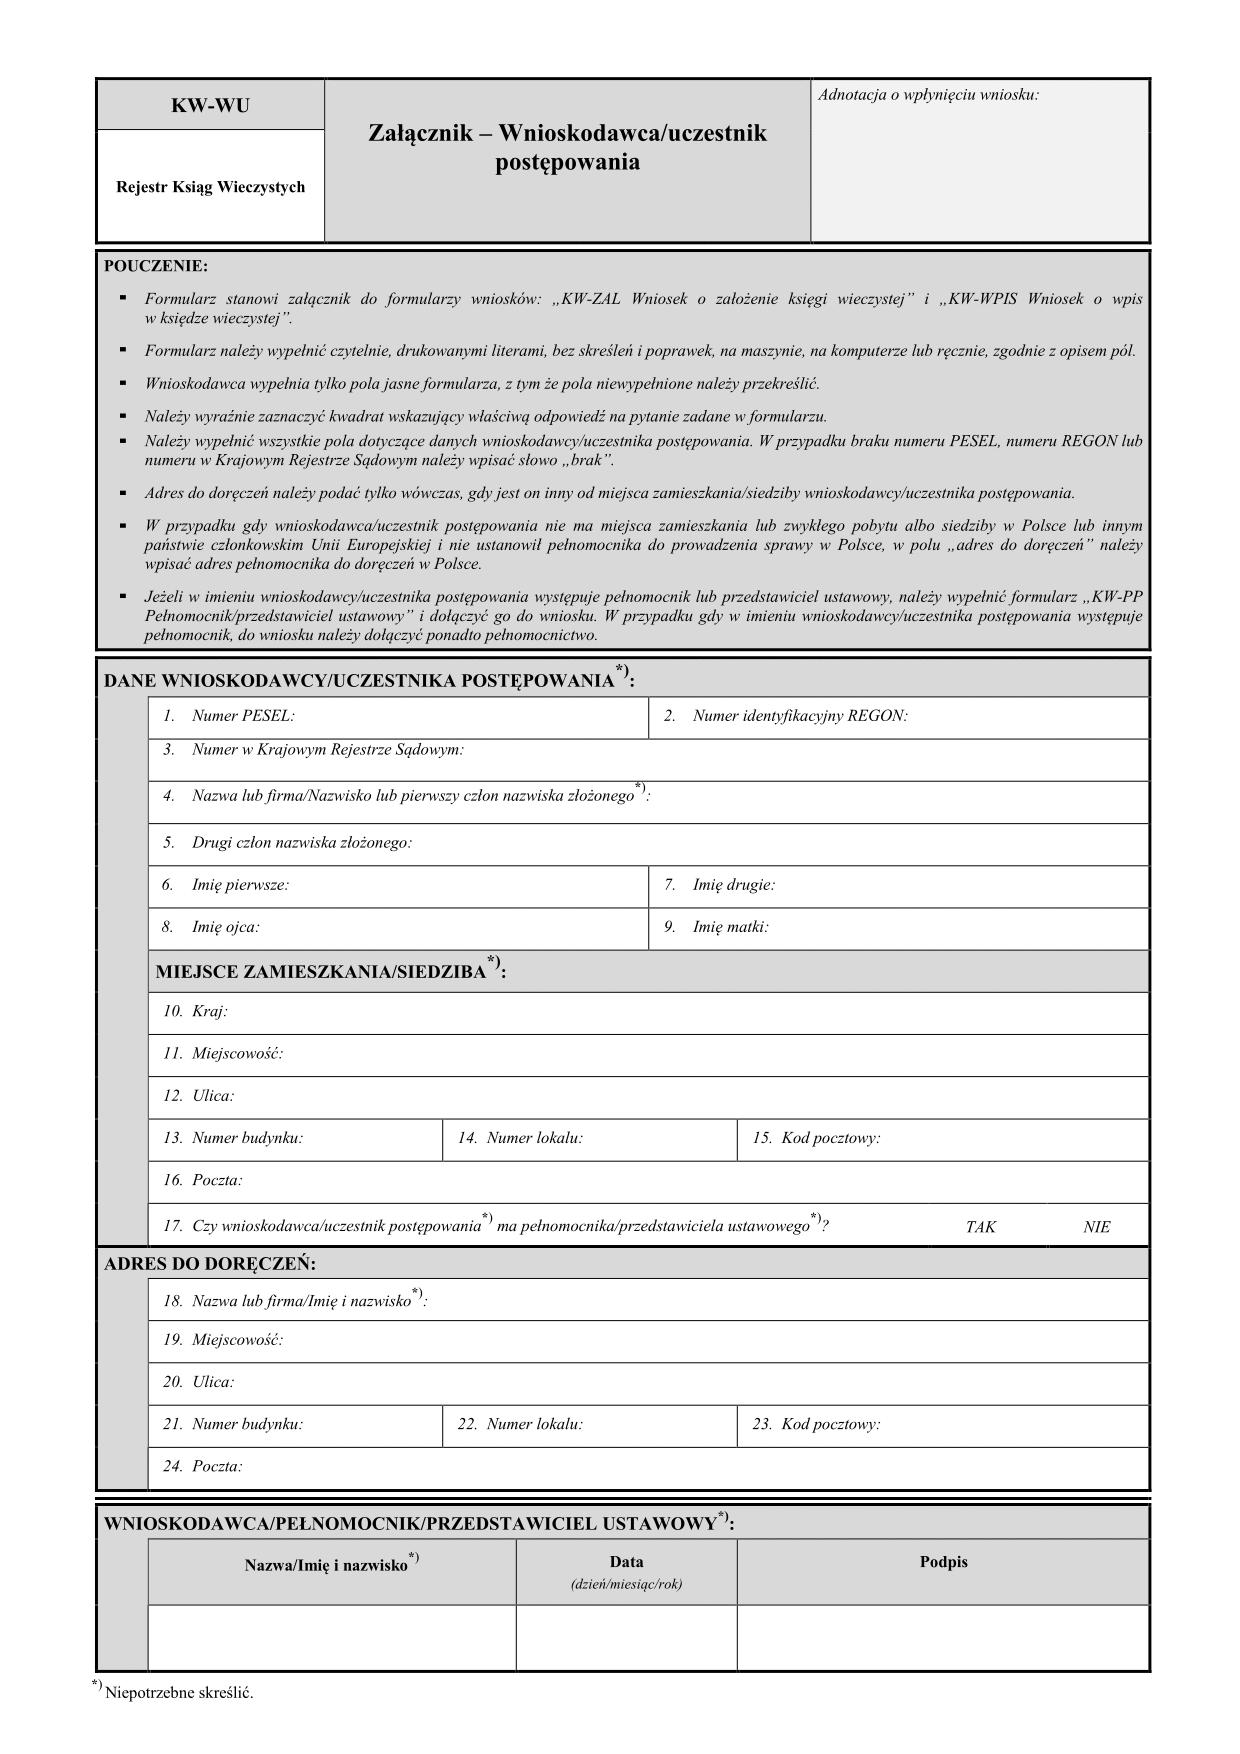 KW-WU (od VII 2016) Załącznik – Wnioskodawca/uczestnik postępowania